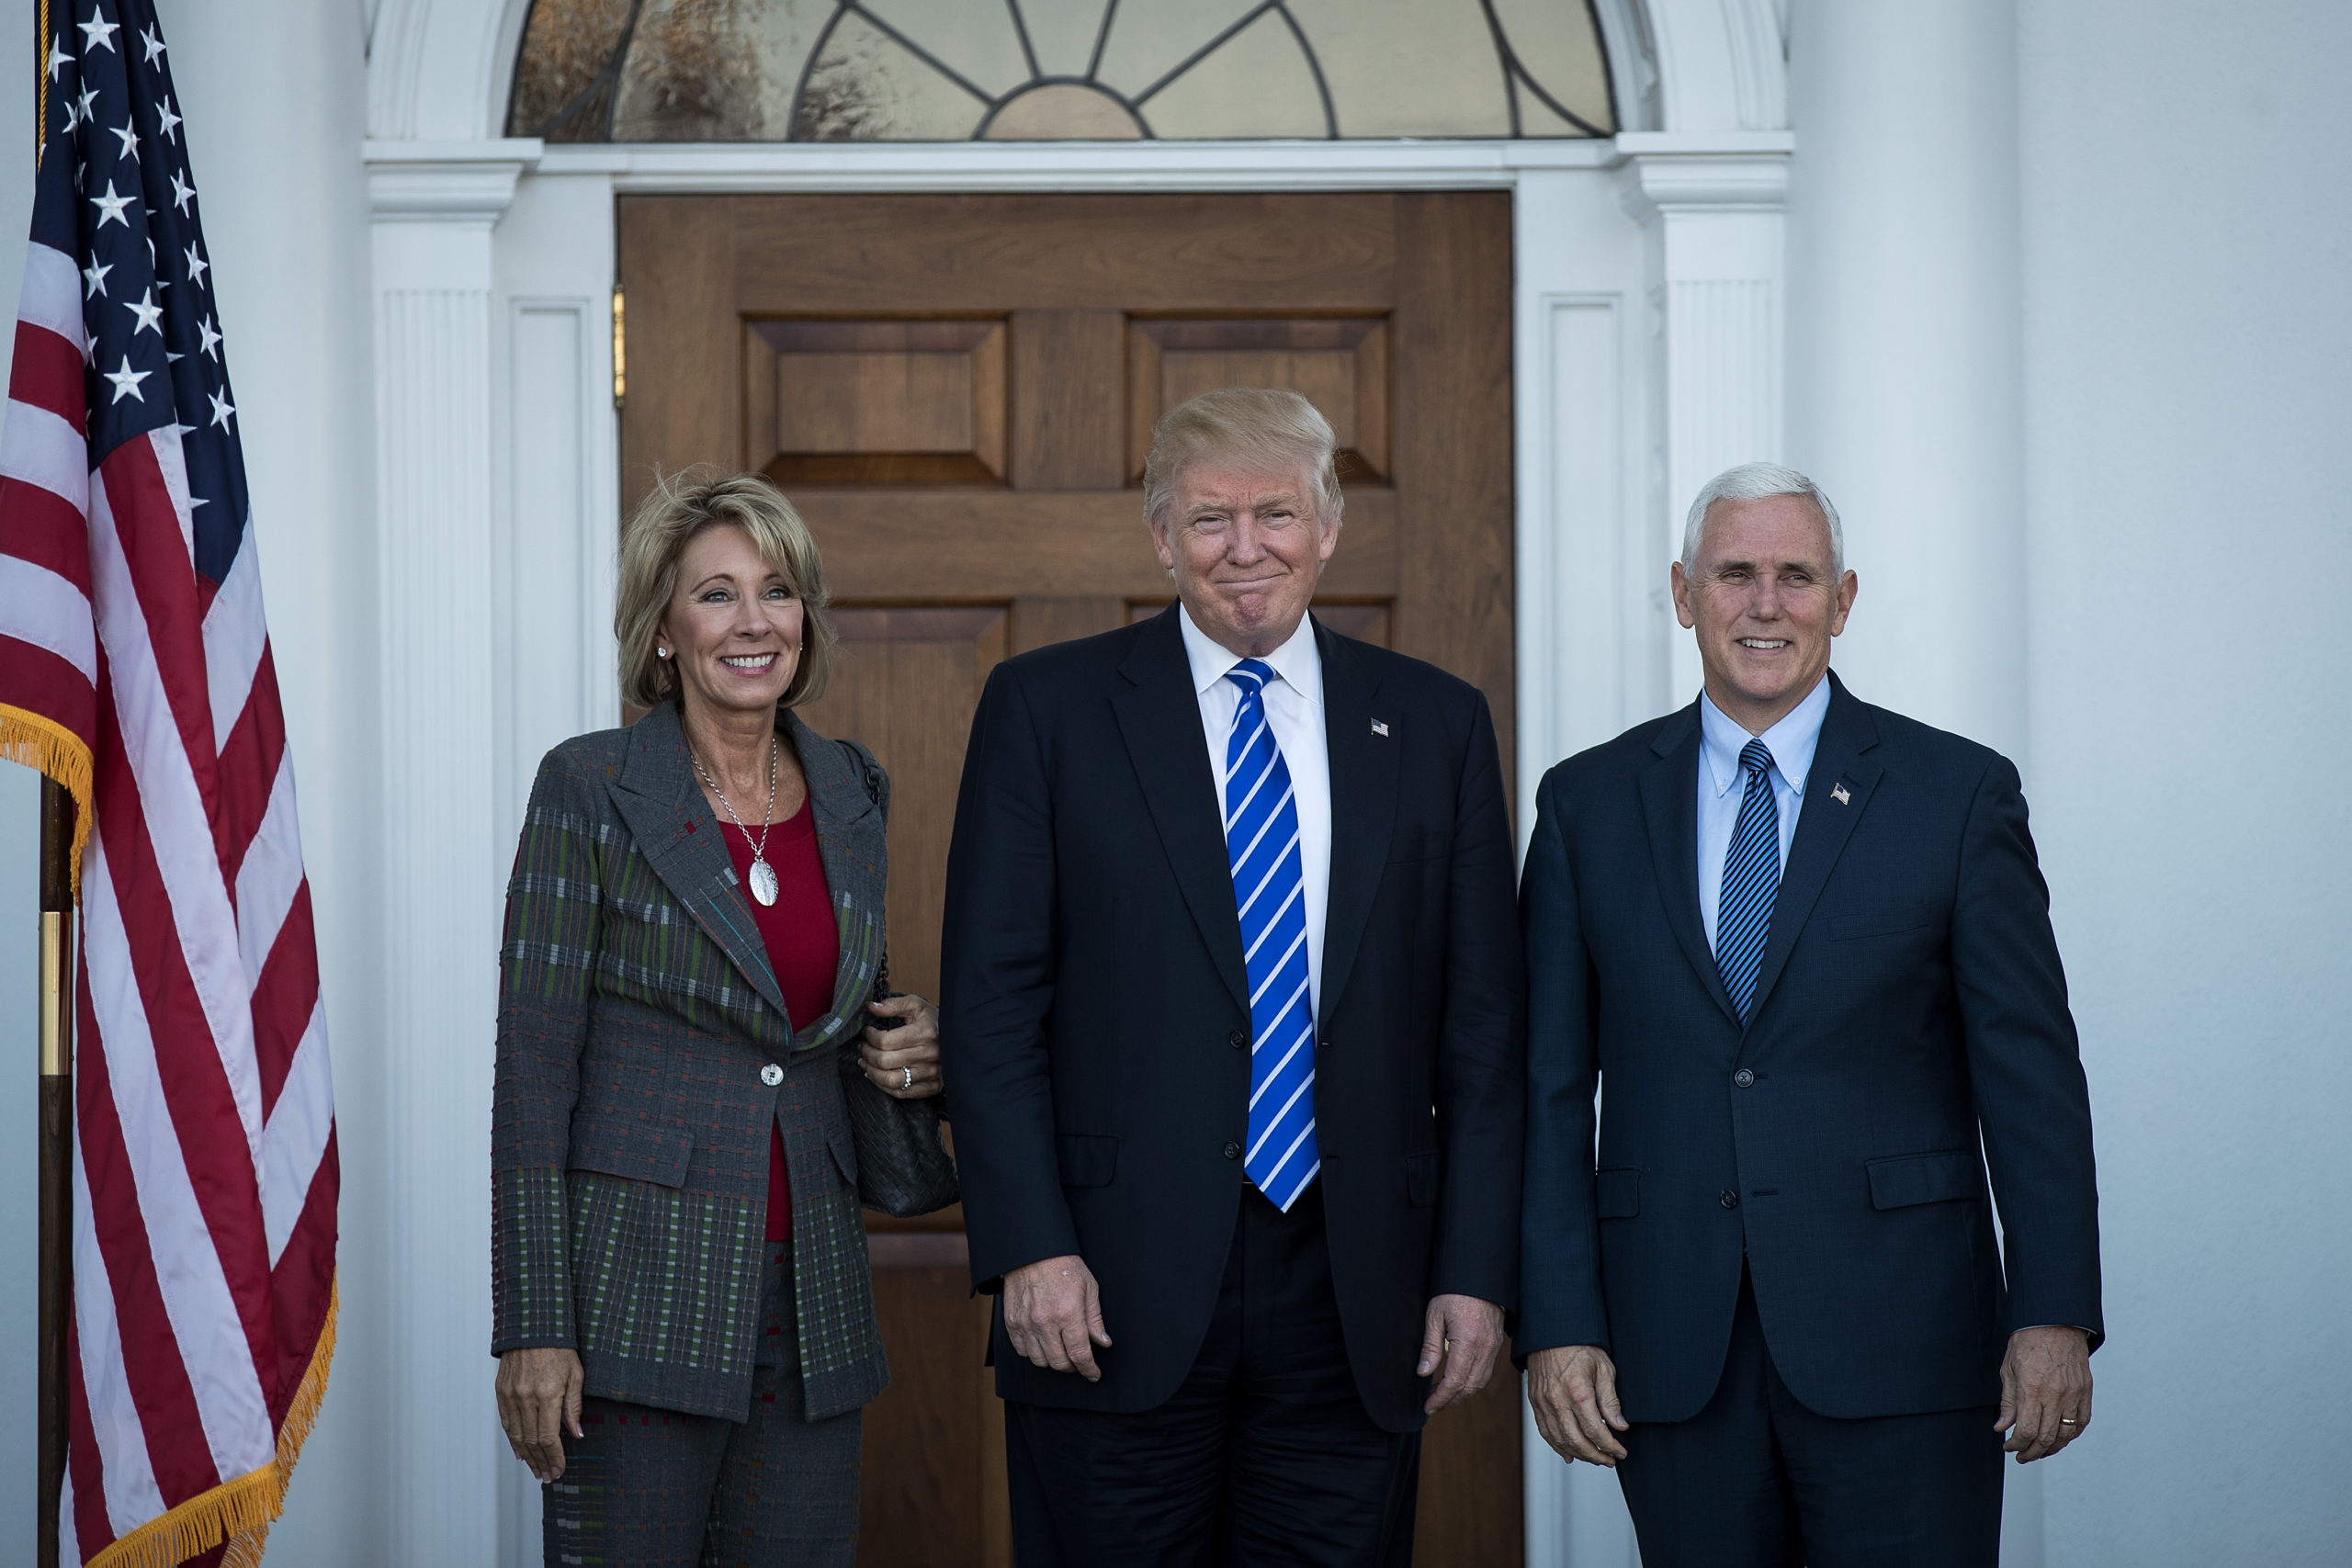 La secrétaire à l'éducation Betsy DeVos pose avec Donald Trump et Mike Pence